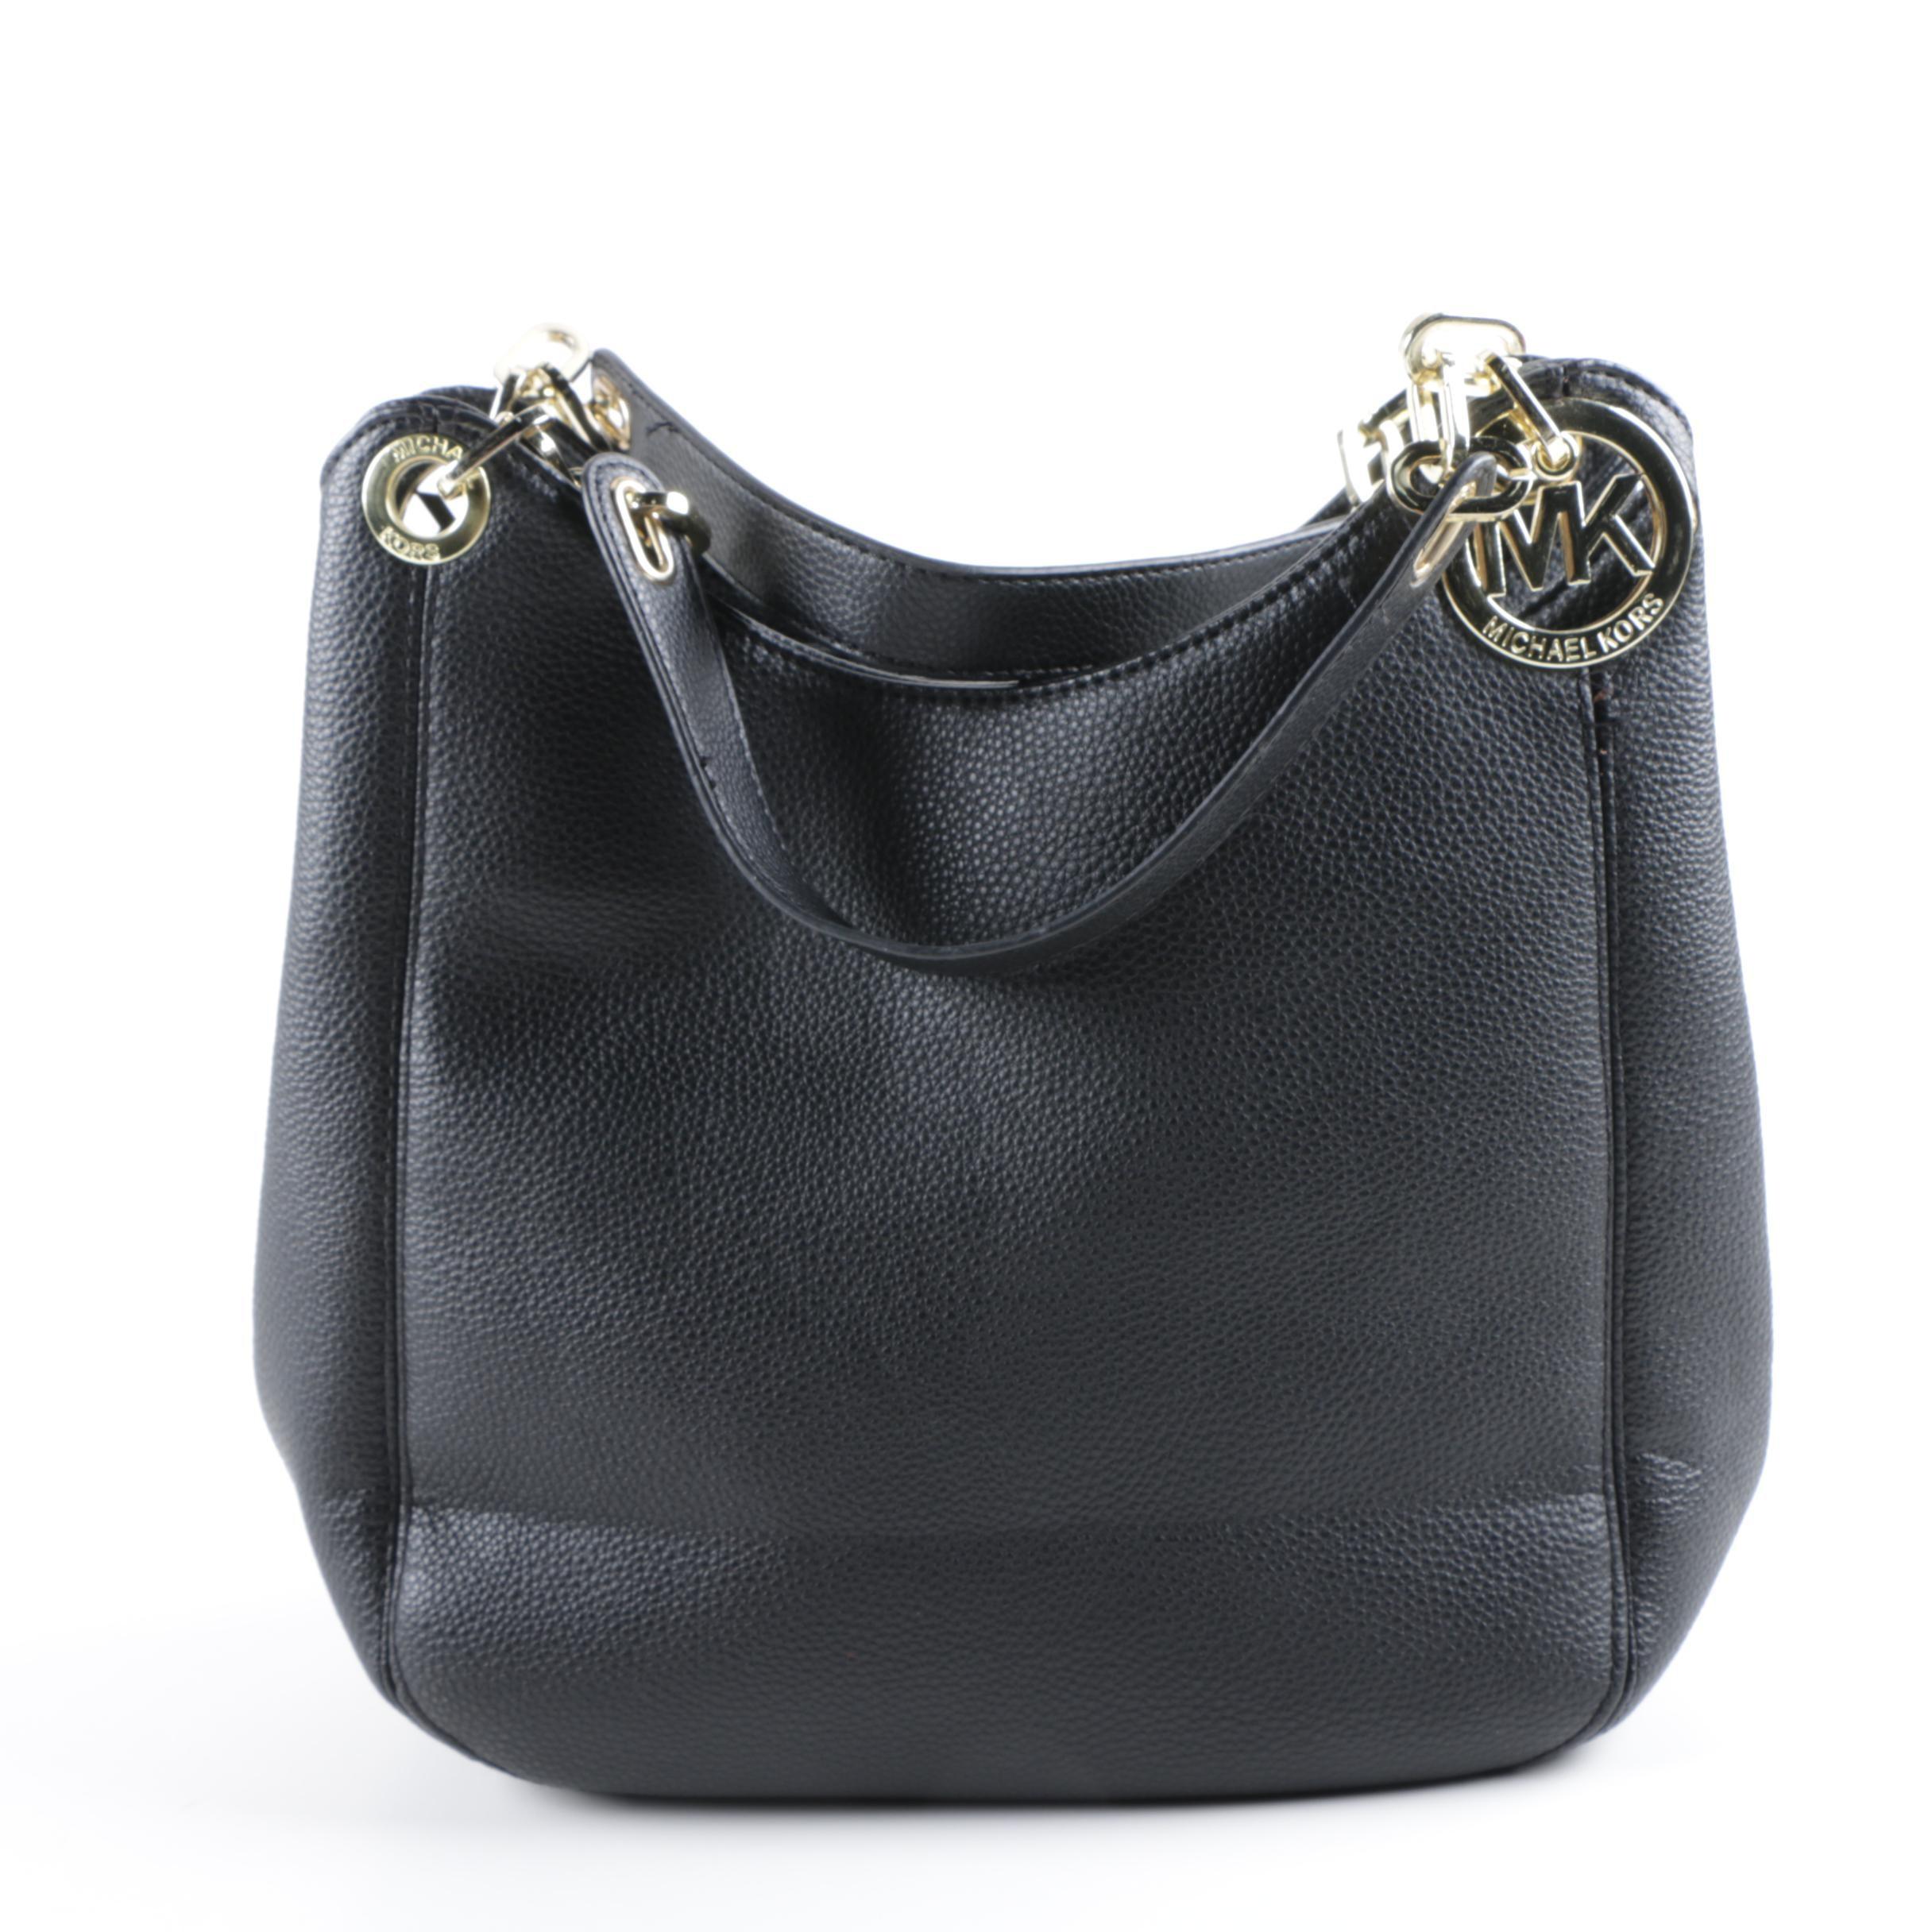 MICHAEL Michael Kors Black Pebbled Leather Shoulder Bag